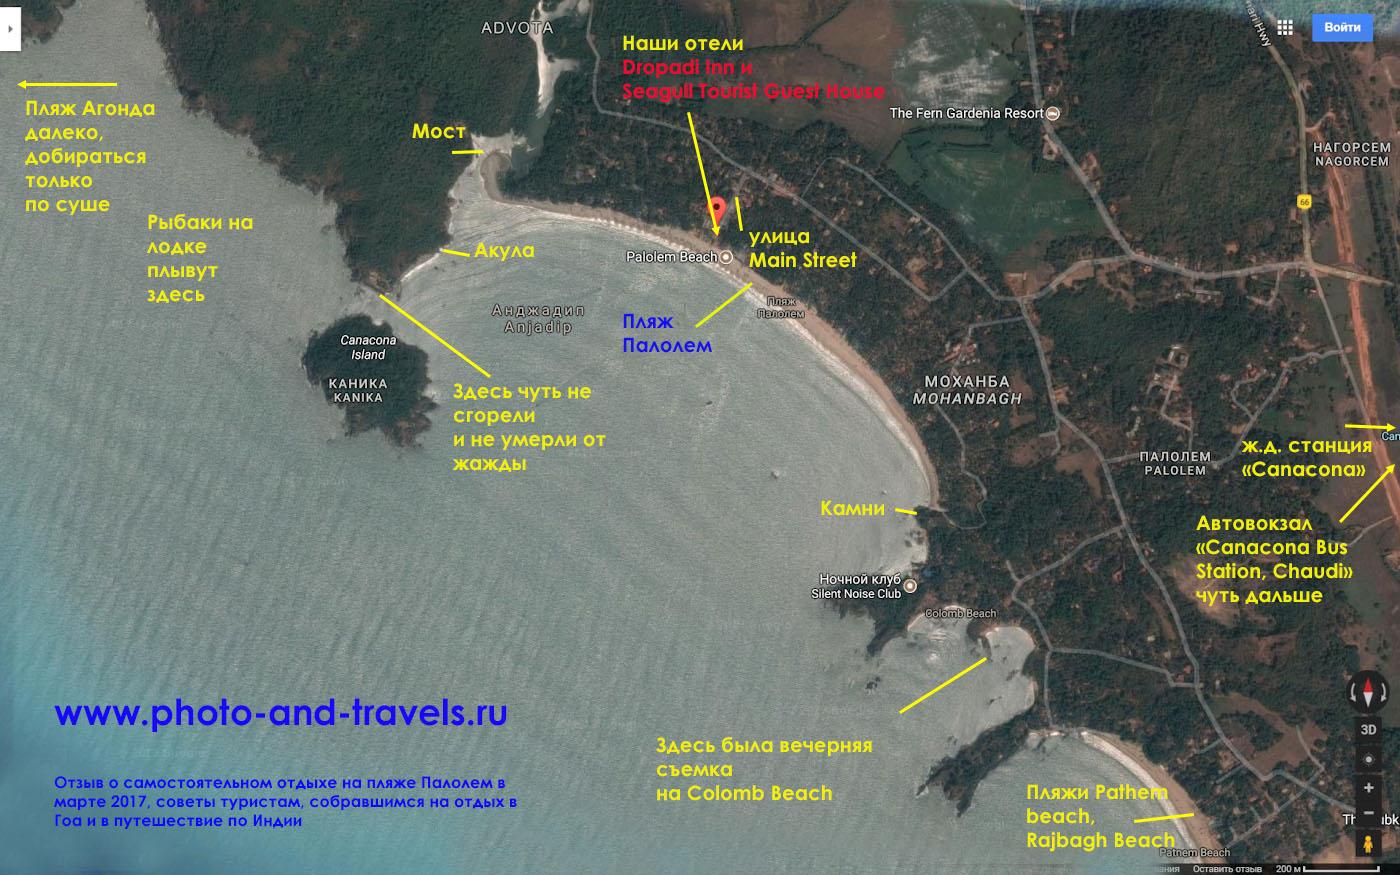 3. Карта пляжа Палолем, что в Южном Гоа в Индии. Во время отдыха, можете посетить и соседние места.